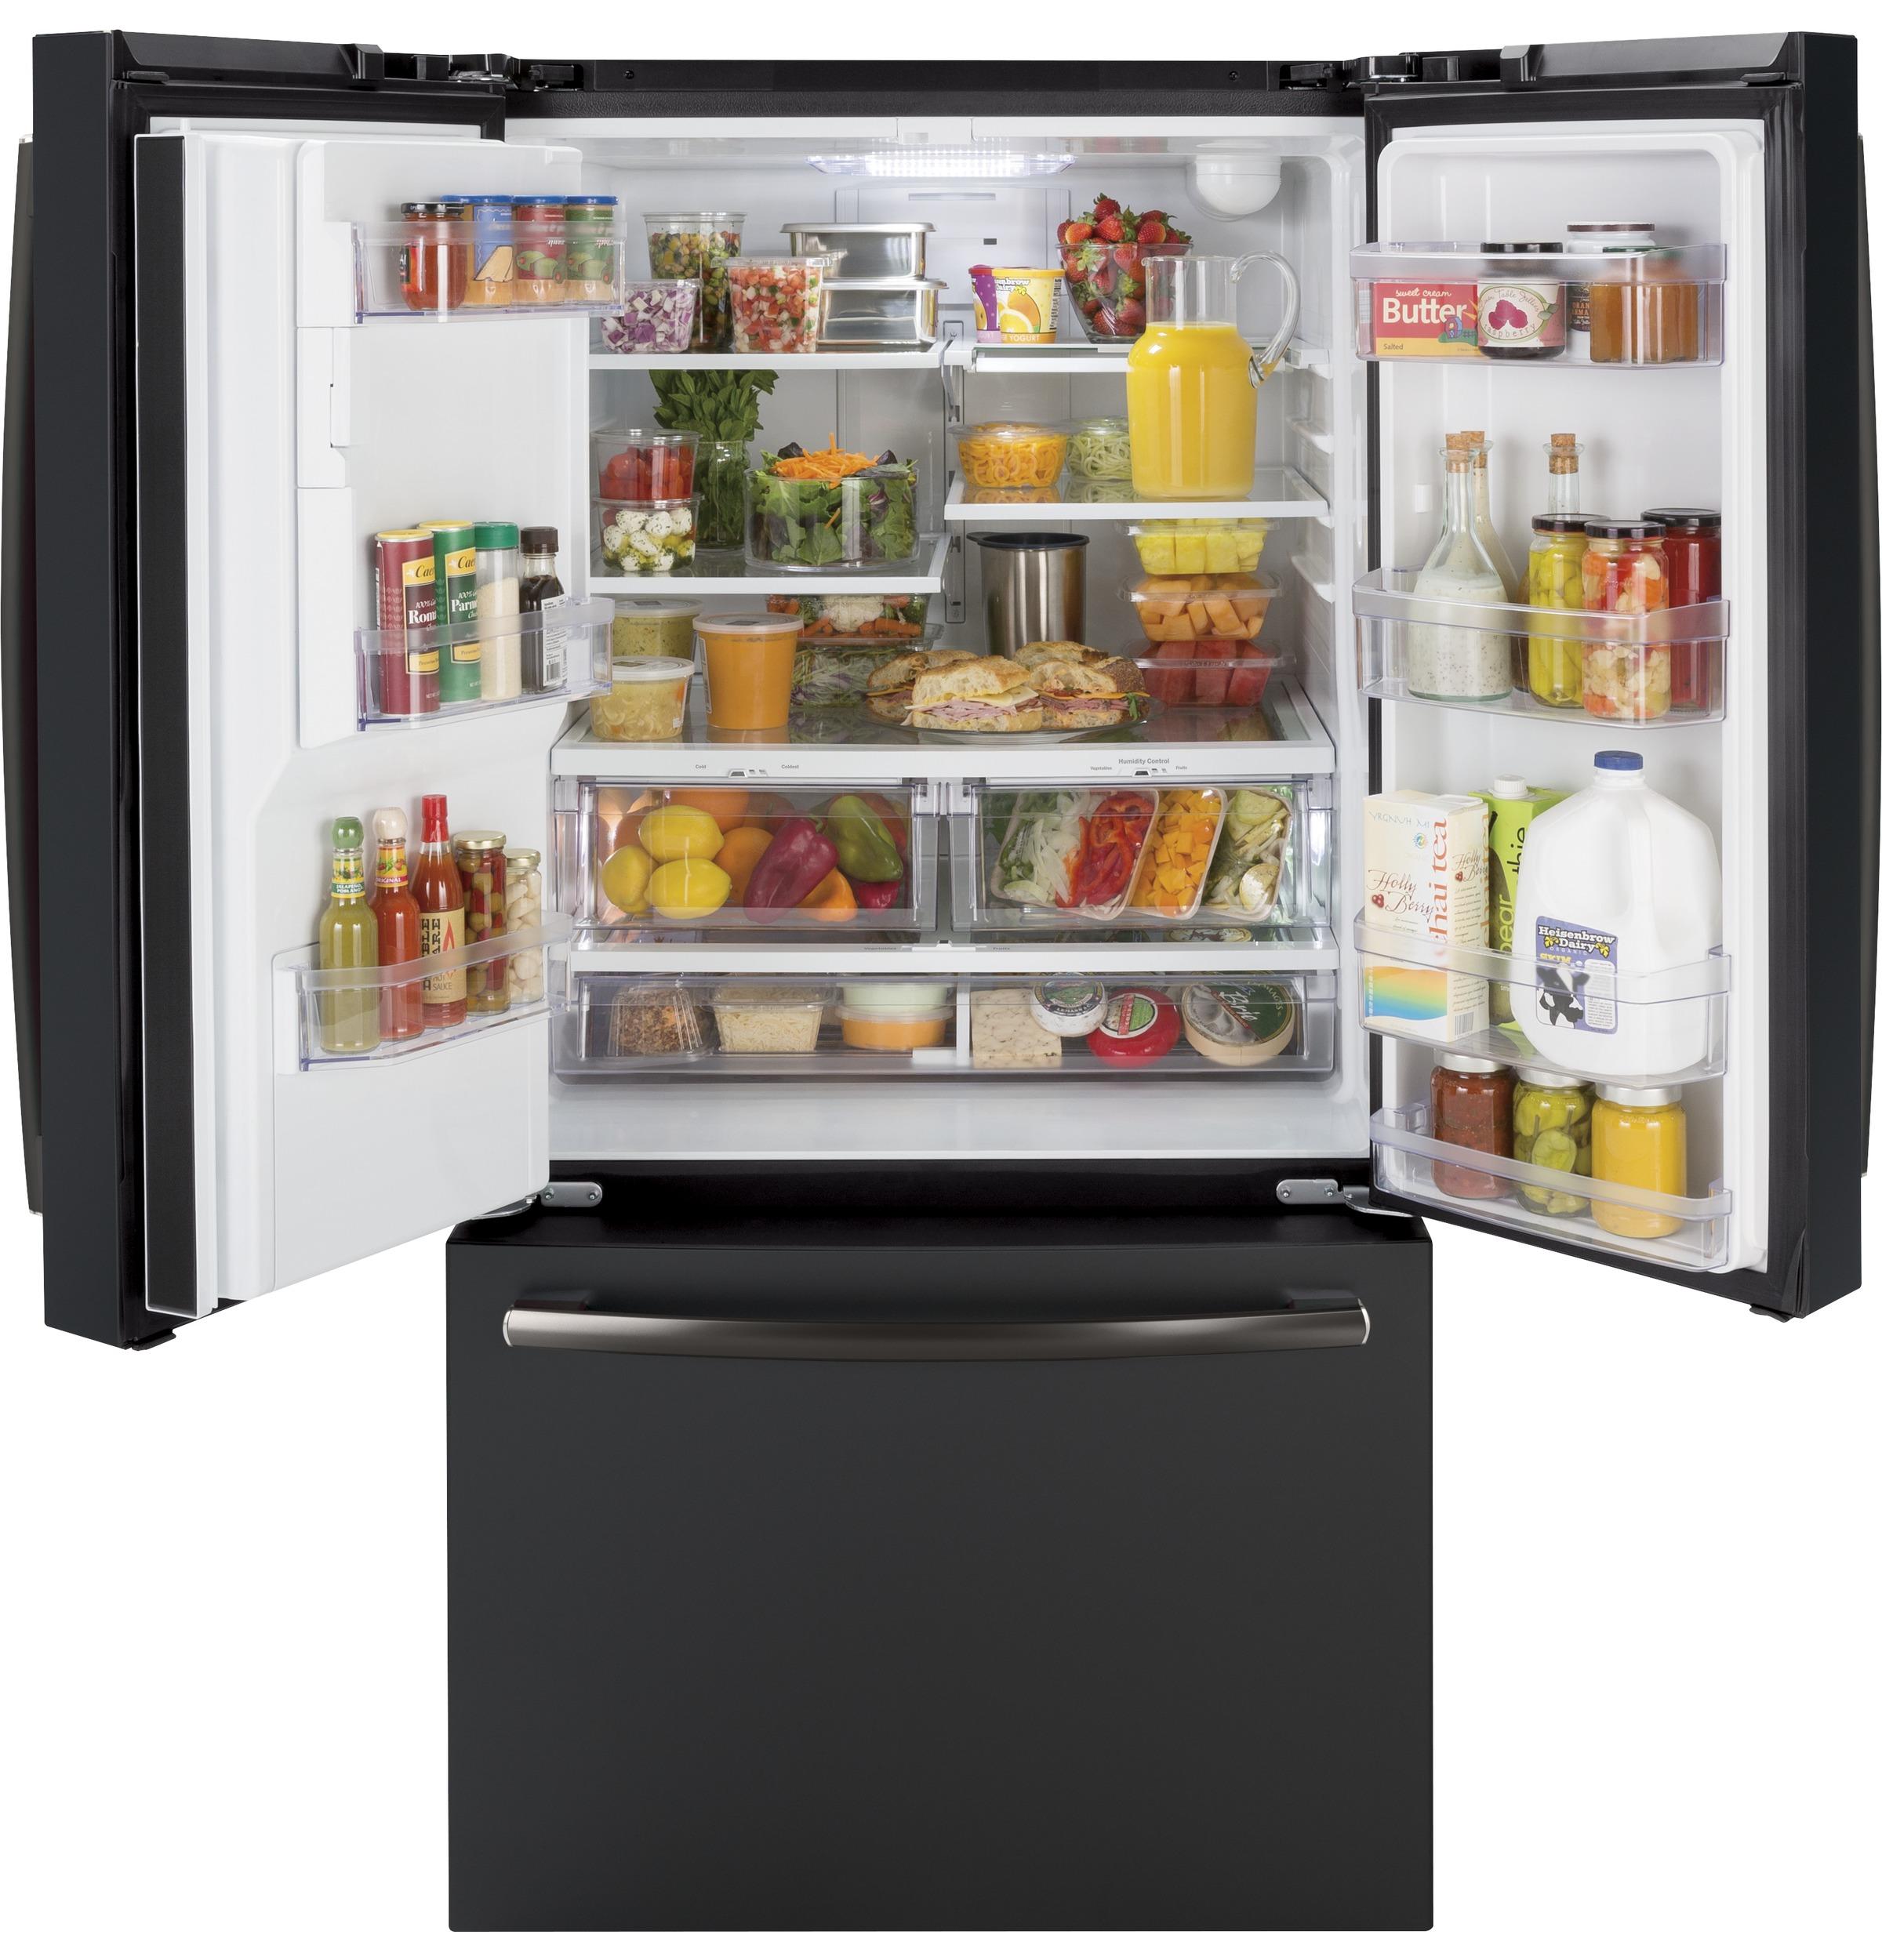 Model: GFE26JEMDS | GE GE® ENERGY STAR® 25.6 Cu. Ft. French-Door Refrigerator